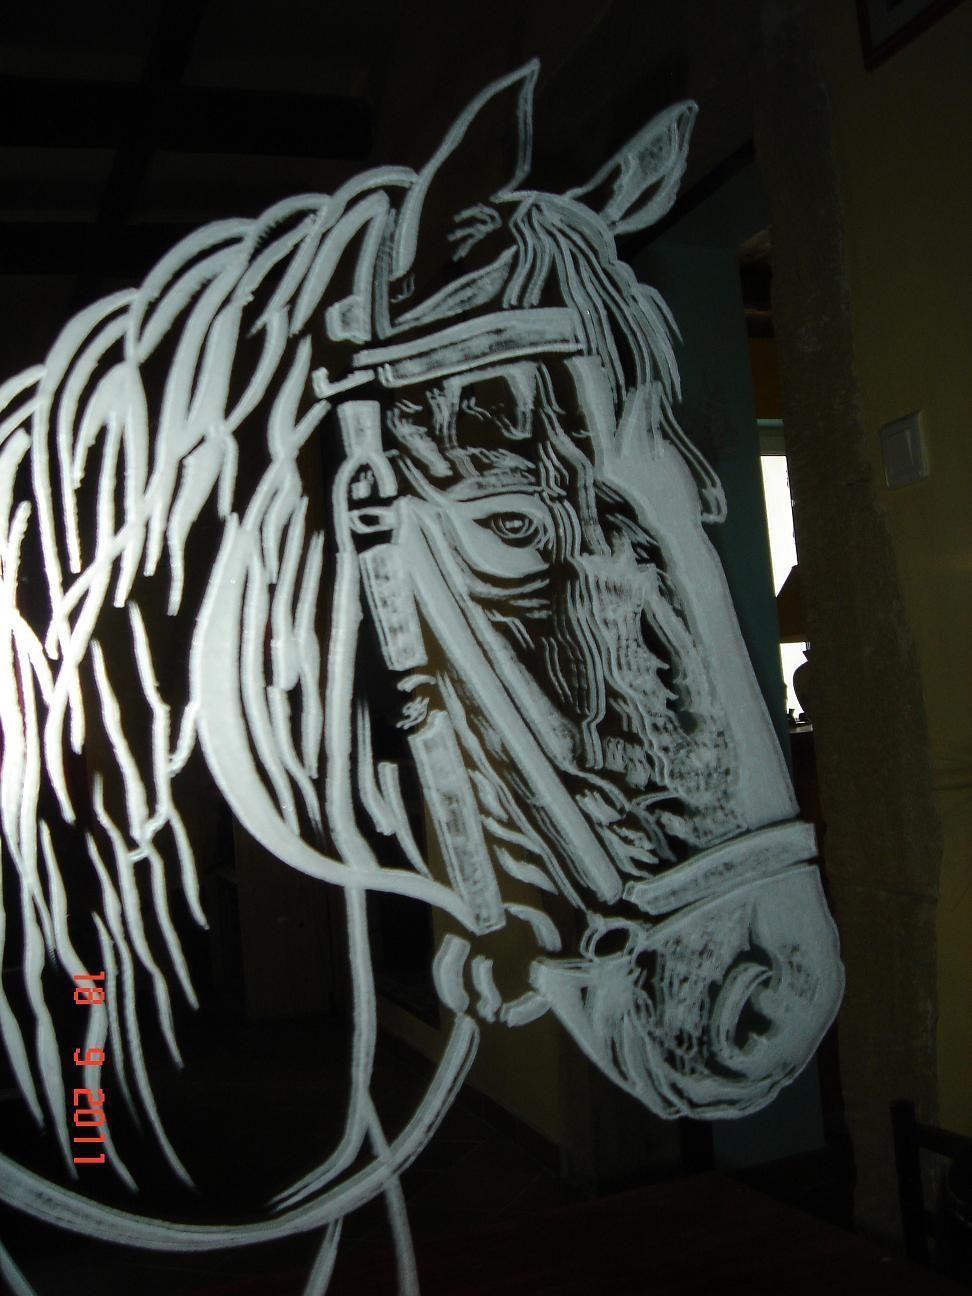 Tete de cheval en gravure sur miroir for Gravure sur miroir